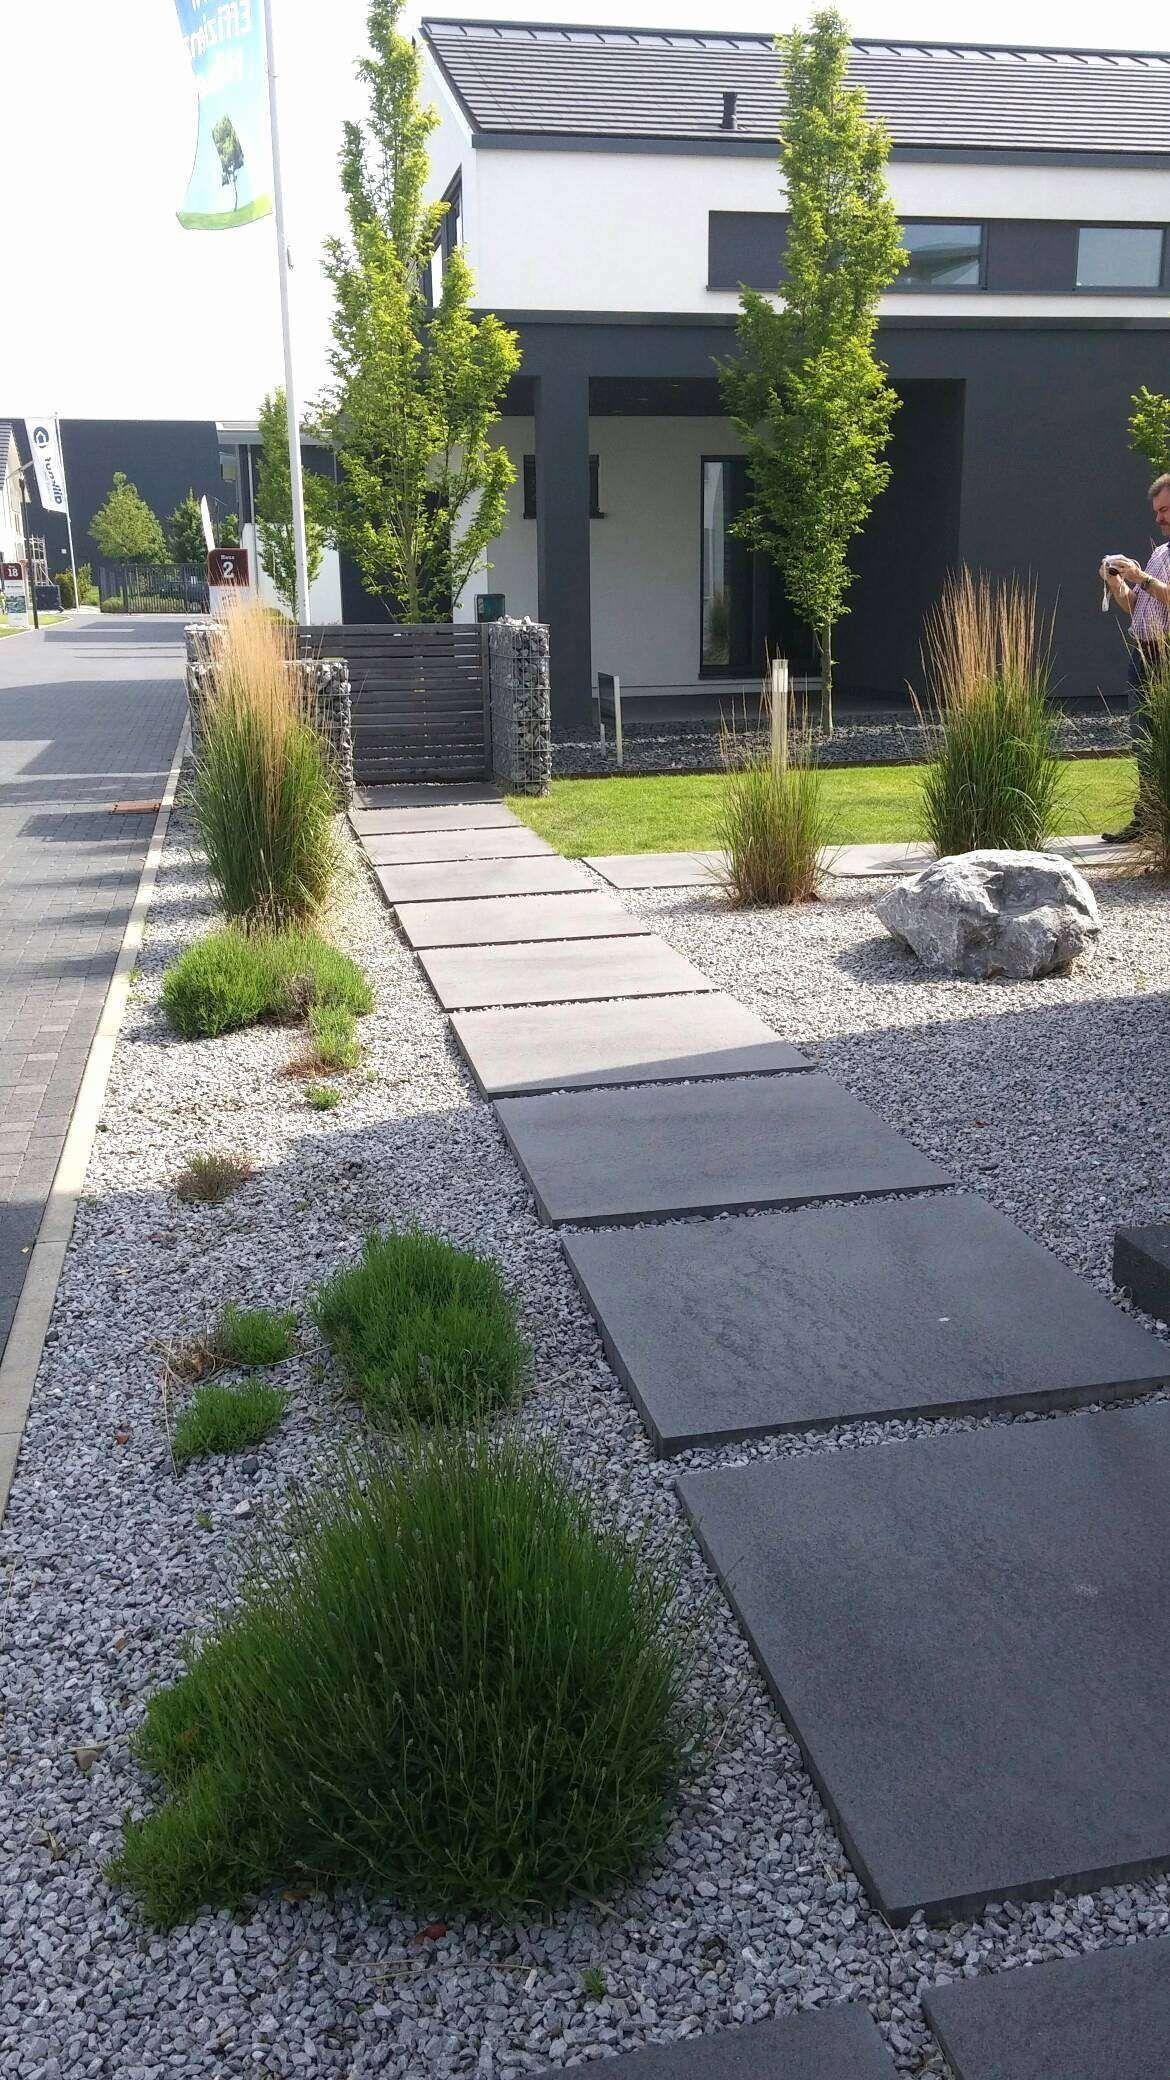 Tipps Zur Gartengestaltung Frisch Garten Ideas Garten Anlegen Lovely Aussenleuchten Garten 0d